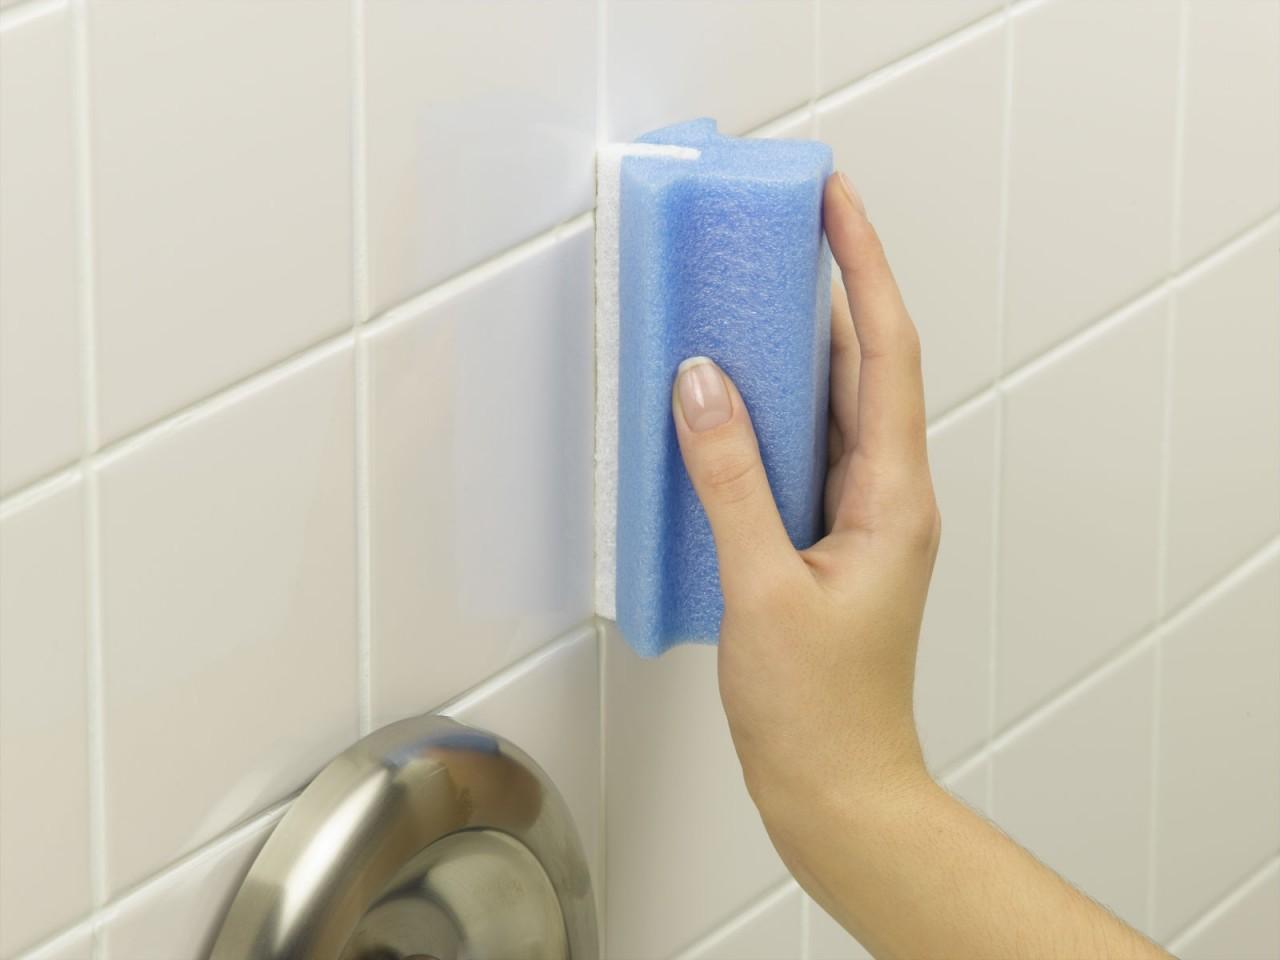 Чтобы зеркало в ванной не запотевало – способы борьбы с влагой + видео / vantazer.ru – информационный портал о ремонте, отделке и обустройстве ванных комнат